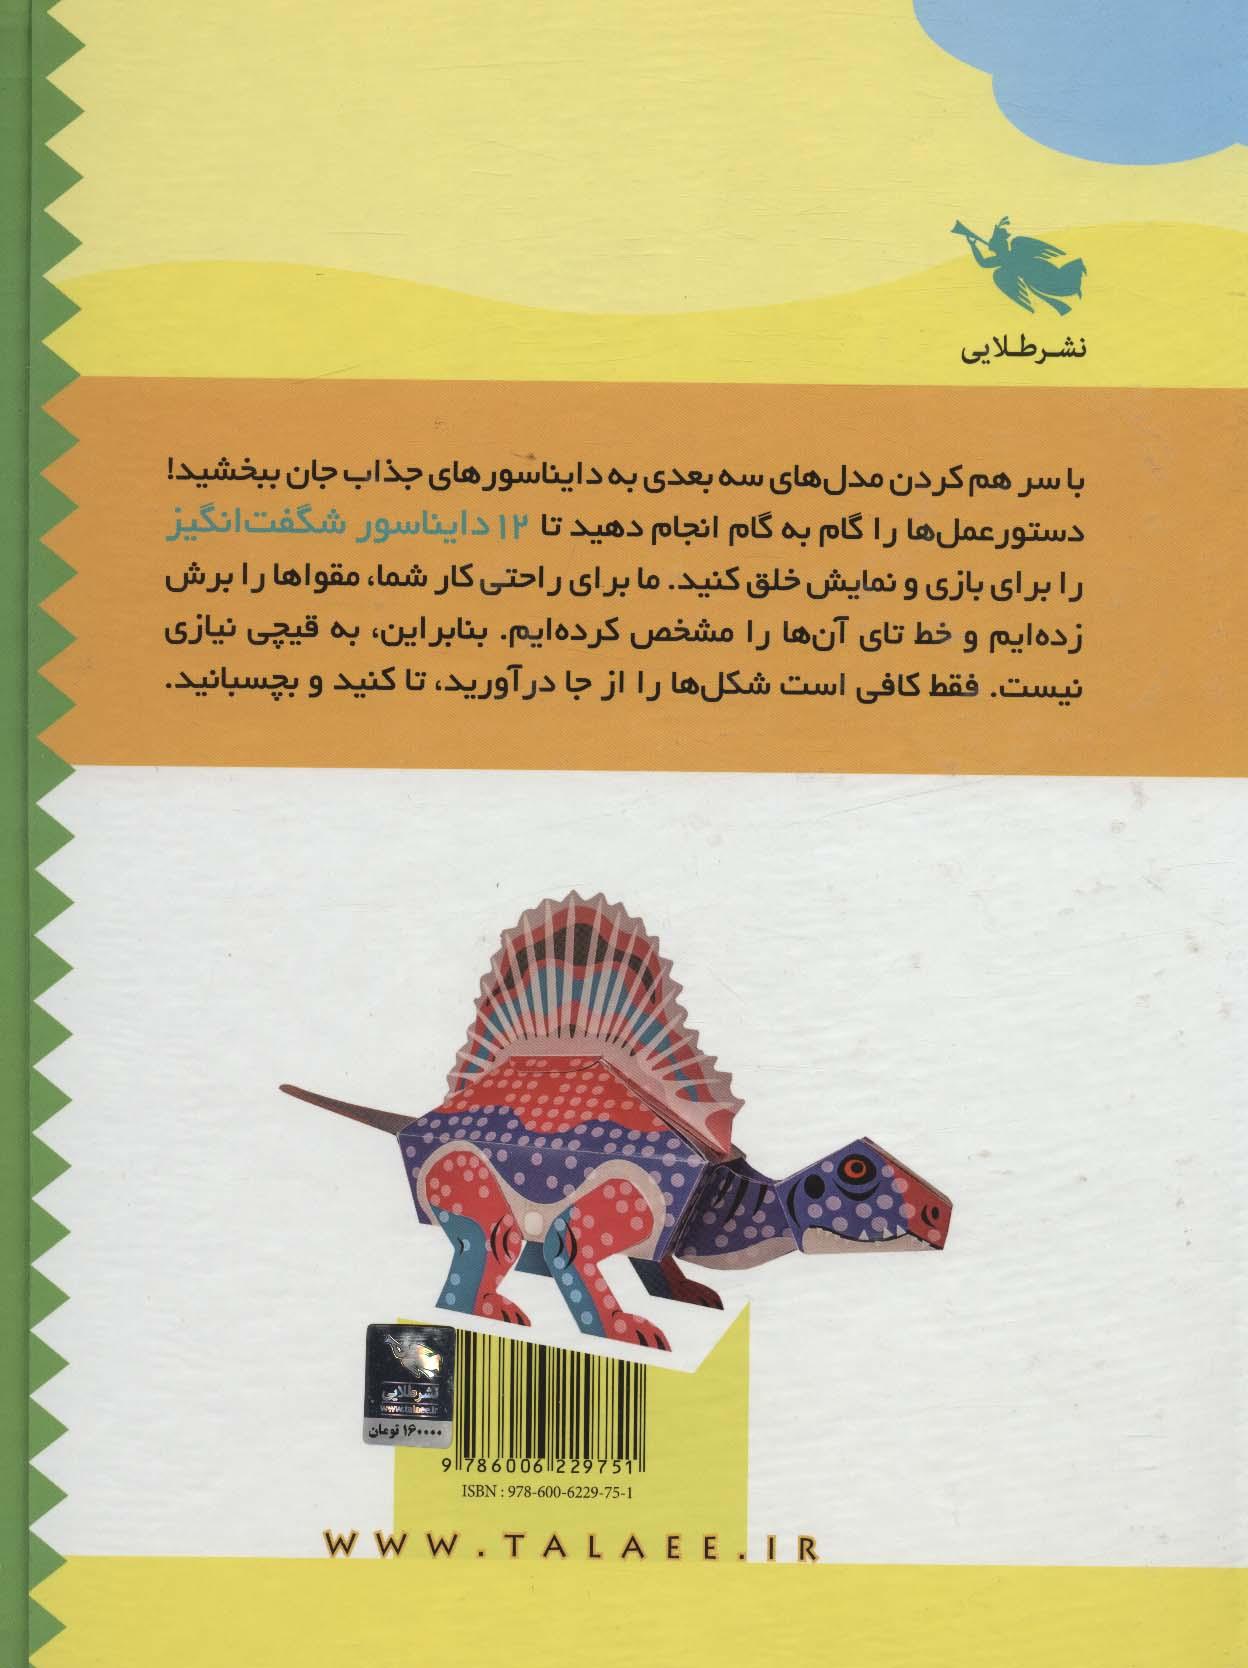 دایناسورهای مقوایی بسازیم (12 دایناسور سه بعدی شگفت انگیز)